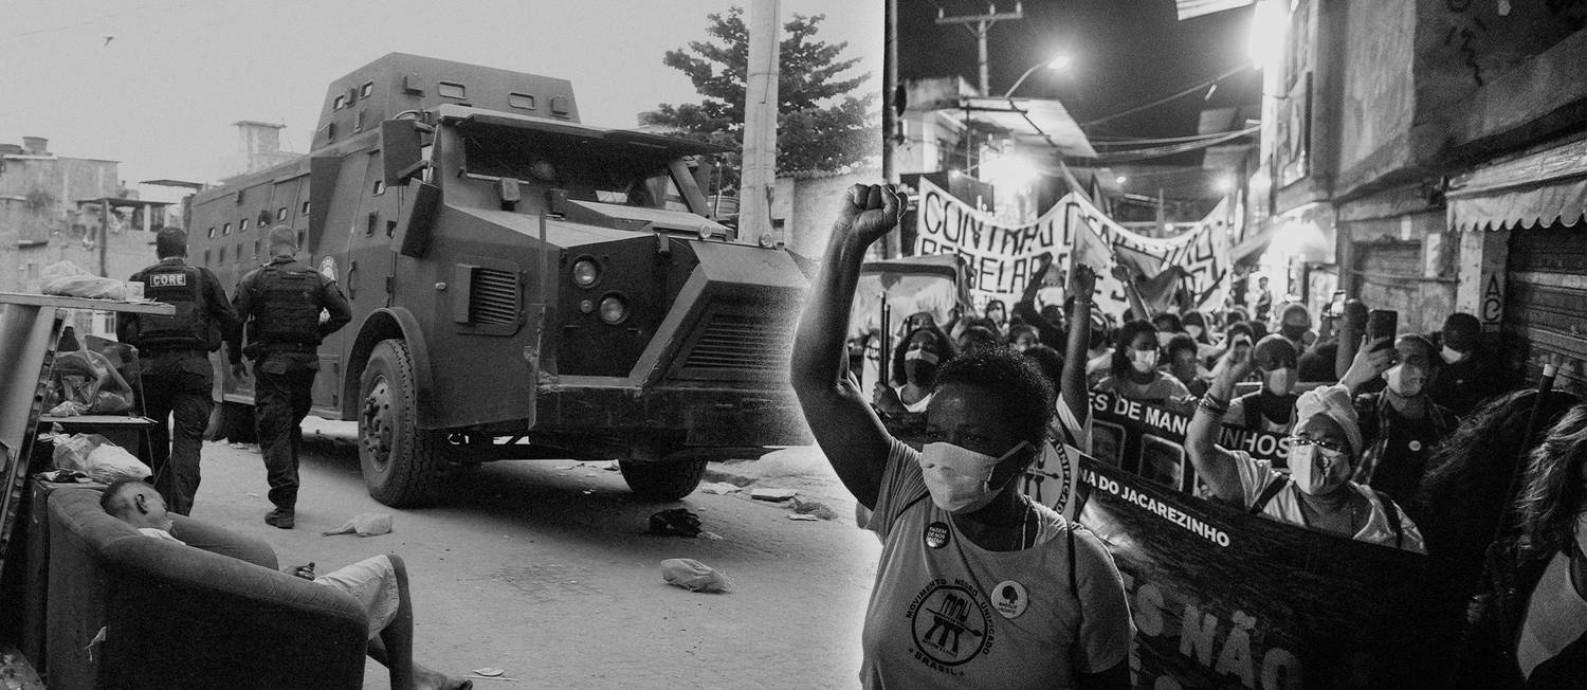 Foto: À esquerda, caveirão circula pelo Jacarezinho durante operação de quinta-feira passada. À direita, protesto que ocorreu após as mortes na comunidade